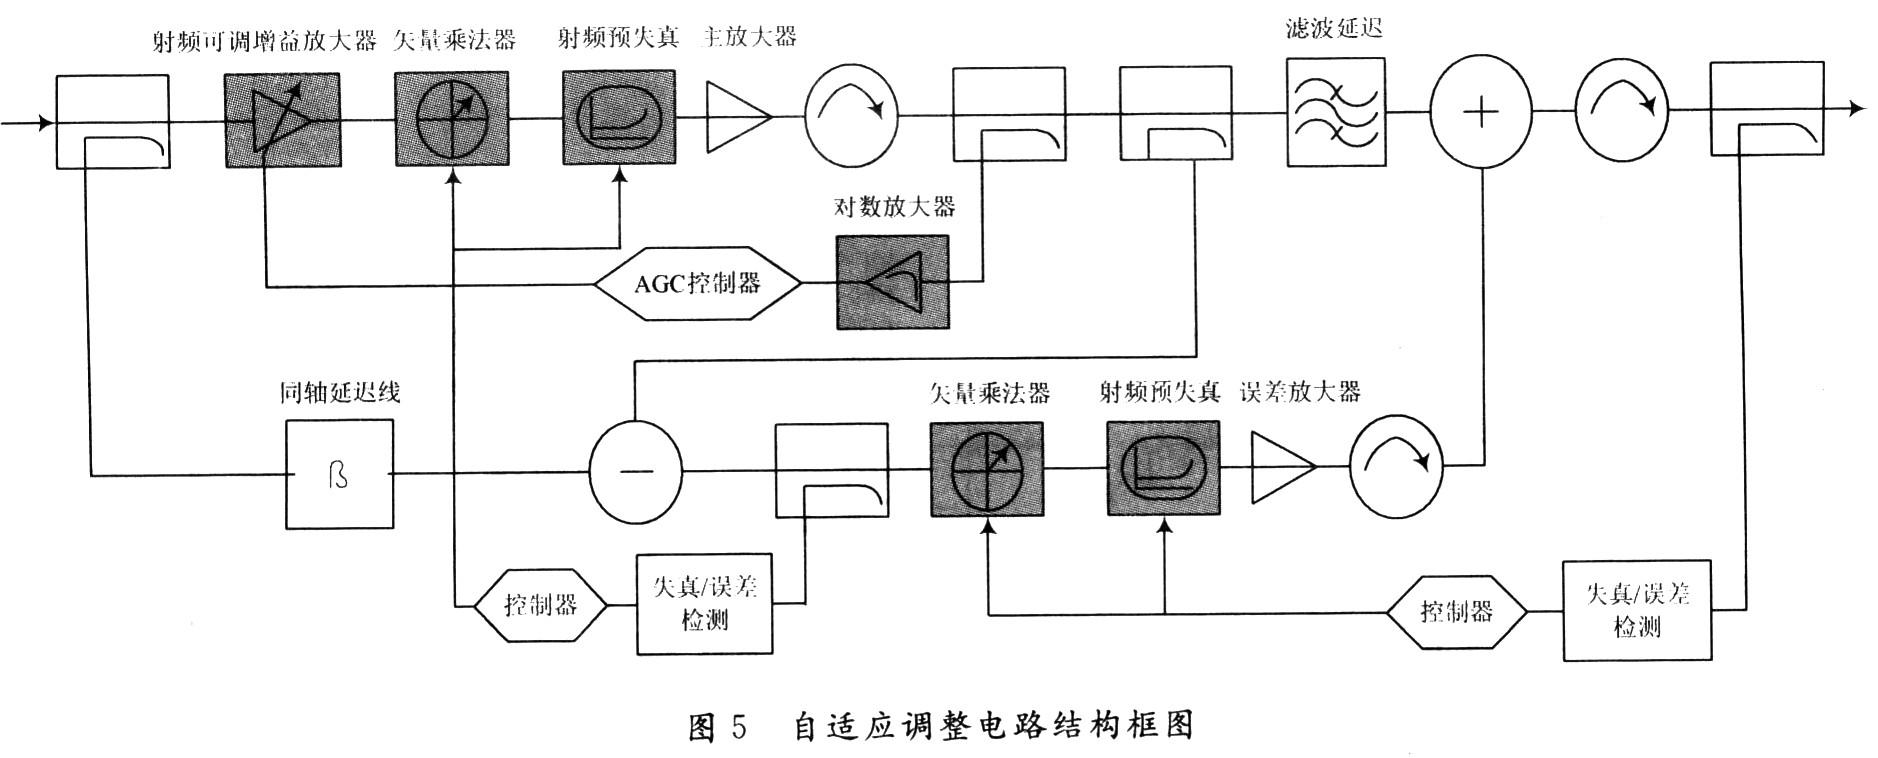 摘 要:从前馈技术的基本原理出发,针对多载波系统对放大器提出较高的交调抑制要求,利用MWO微波仿真软件按照器件参数进行了初步的前馈仿真设计,并分析了应用中误差放大对消不理想的主要原因,对主、辅放大器可能存在的增益相位漂移等而导致的误差信号抵消失效等问题,给出了可用于实际设计的前馈框图,对多载波情况下的设计实践工作具有一定的帮助。 0 引 言 随着现代通讯技术的快速发展,高效率的频谱调制技术(QPSK或QAM)需要在放大过程中也保持高线性。然而,几乎所有的放大器都具有非线性特性,因此,采用何种技术来消除这种